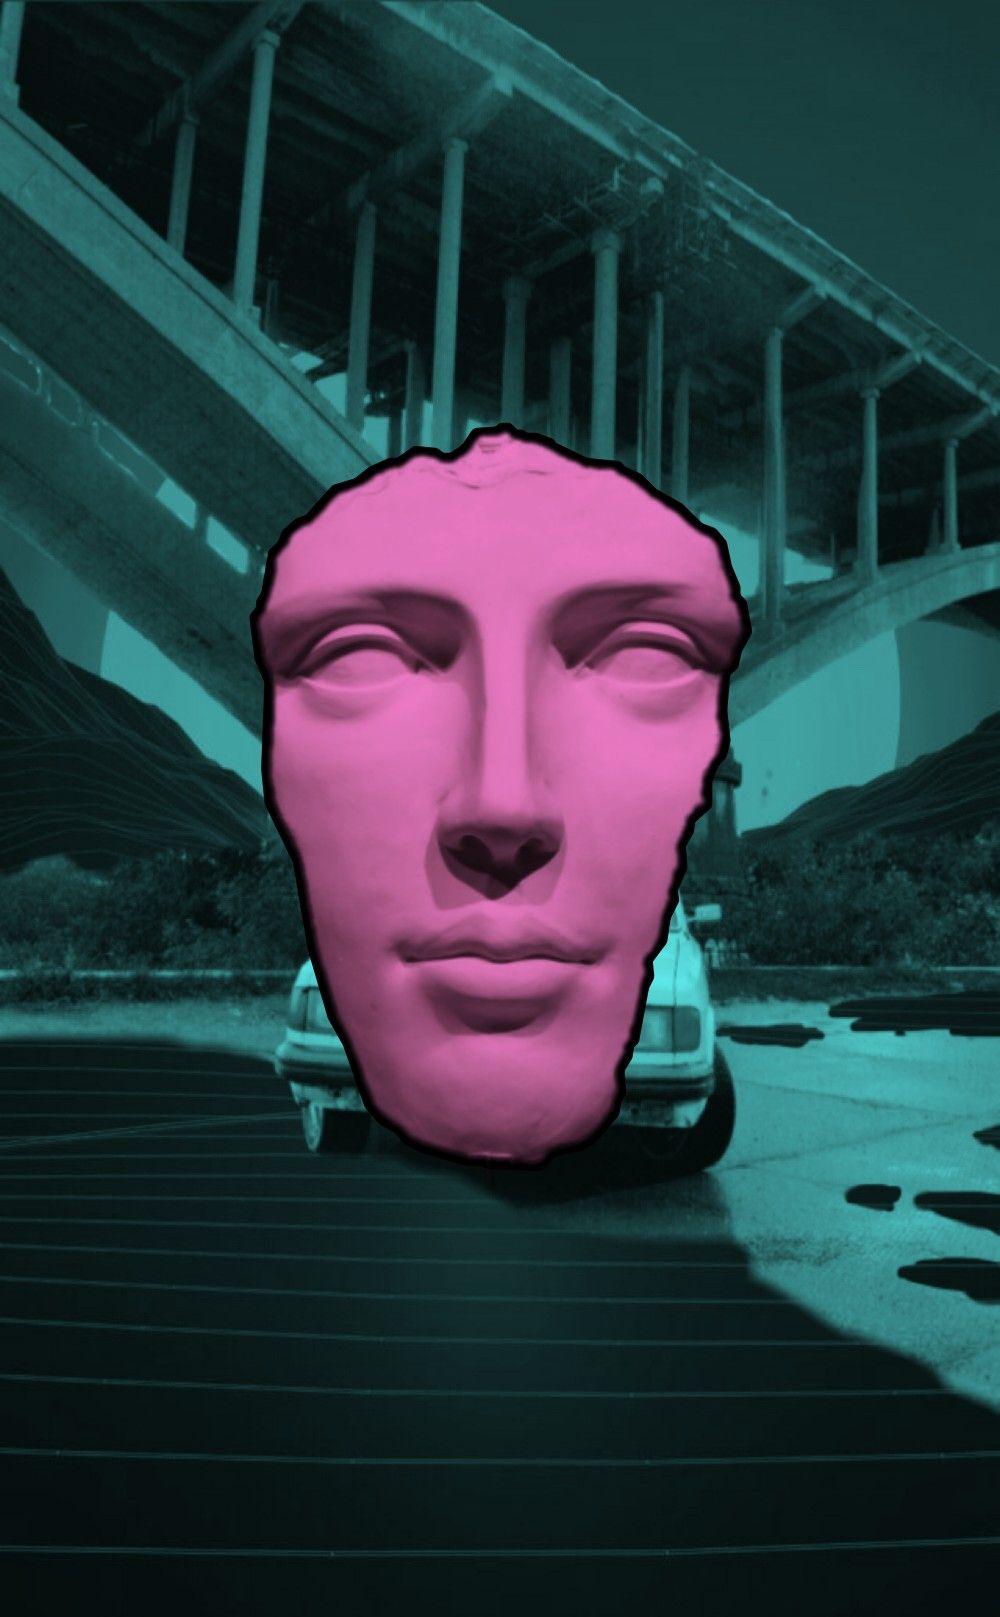 #freetoedit #synthwave #vaporwave